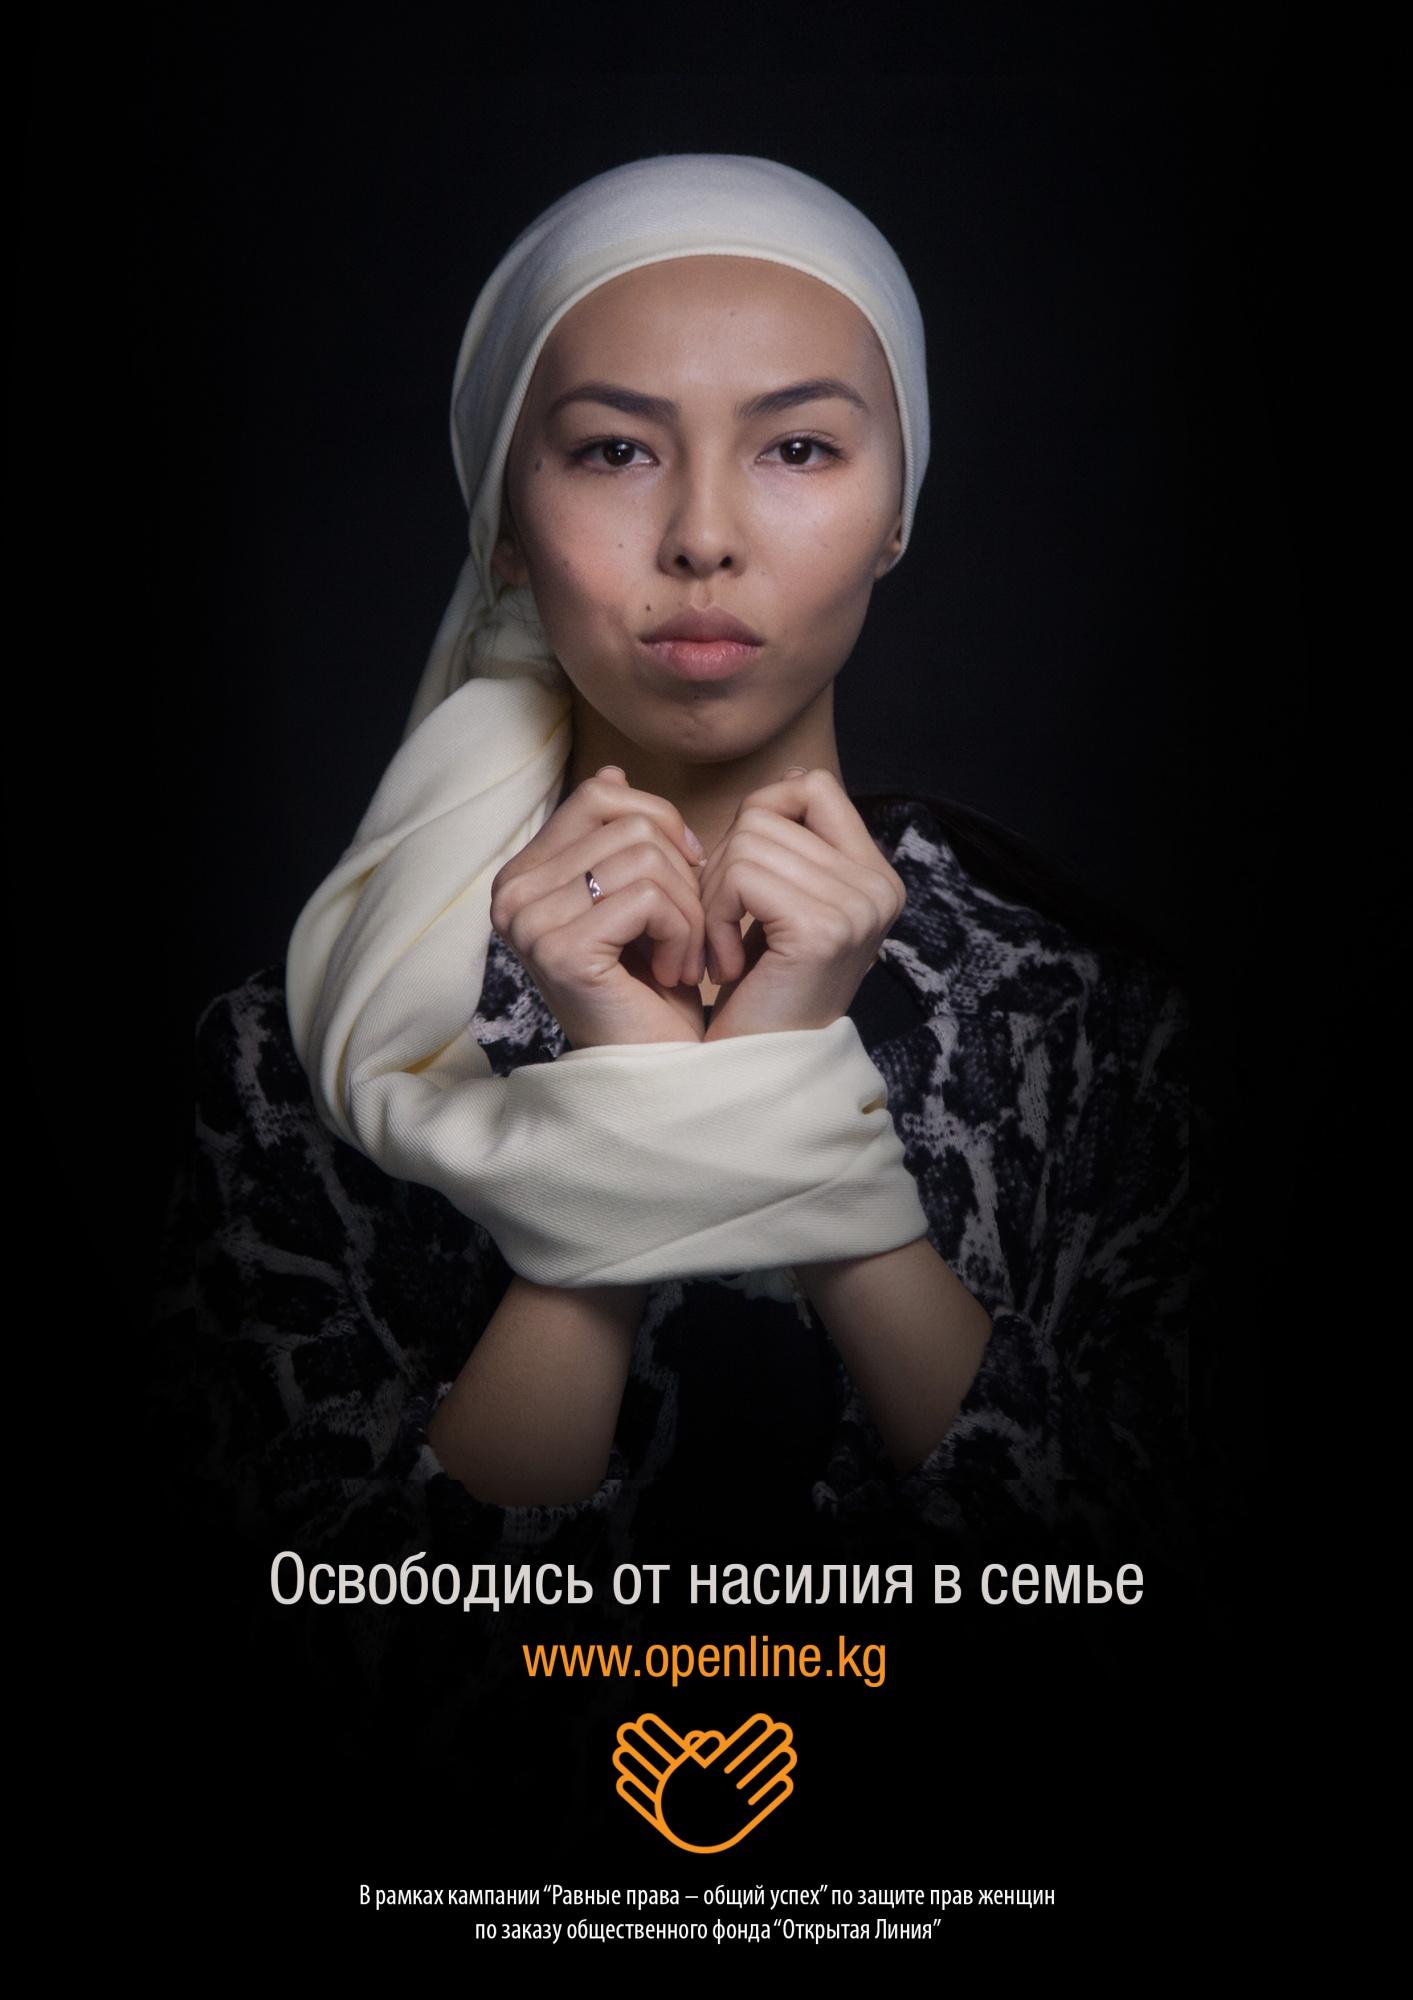 Сексуальные роли в кыргызстане